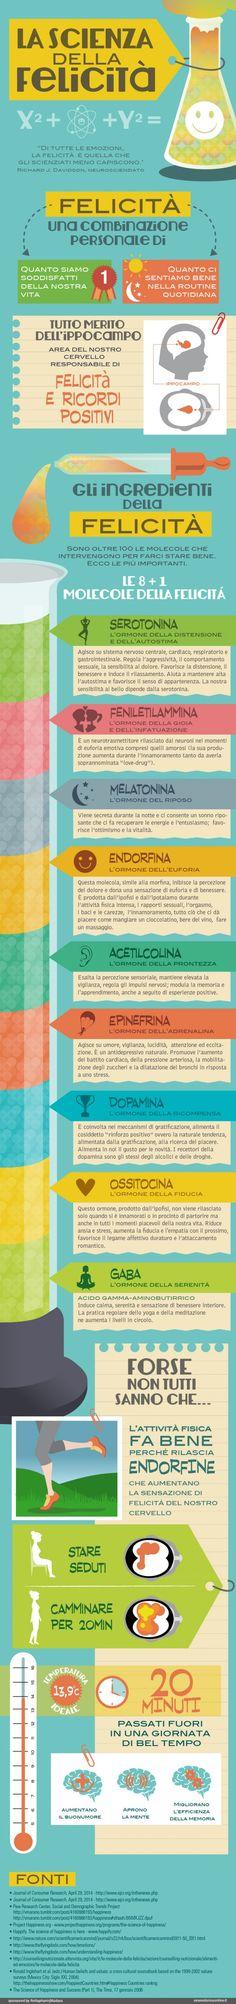 La scienza della felicità -- infographics designed for esseredonnaonline.it- illustrated by Alice Kle Borghi, kleland.com